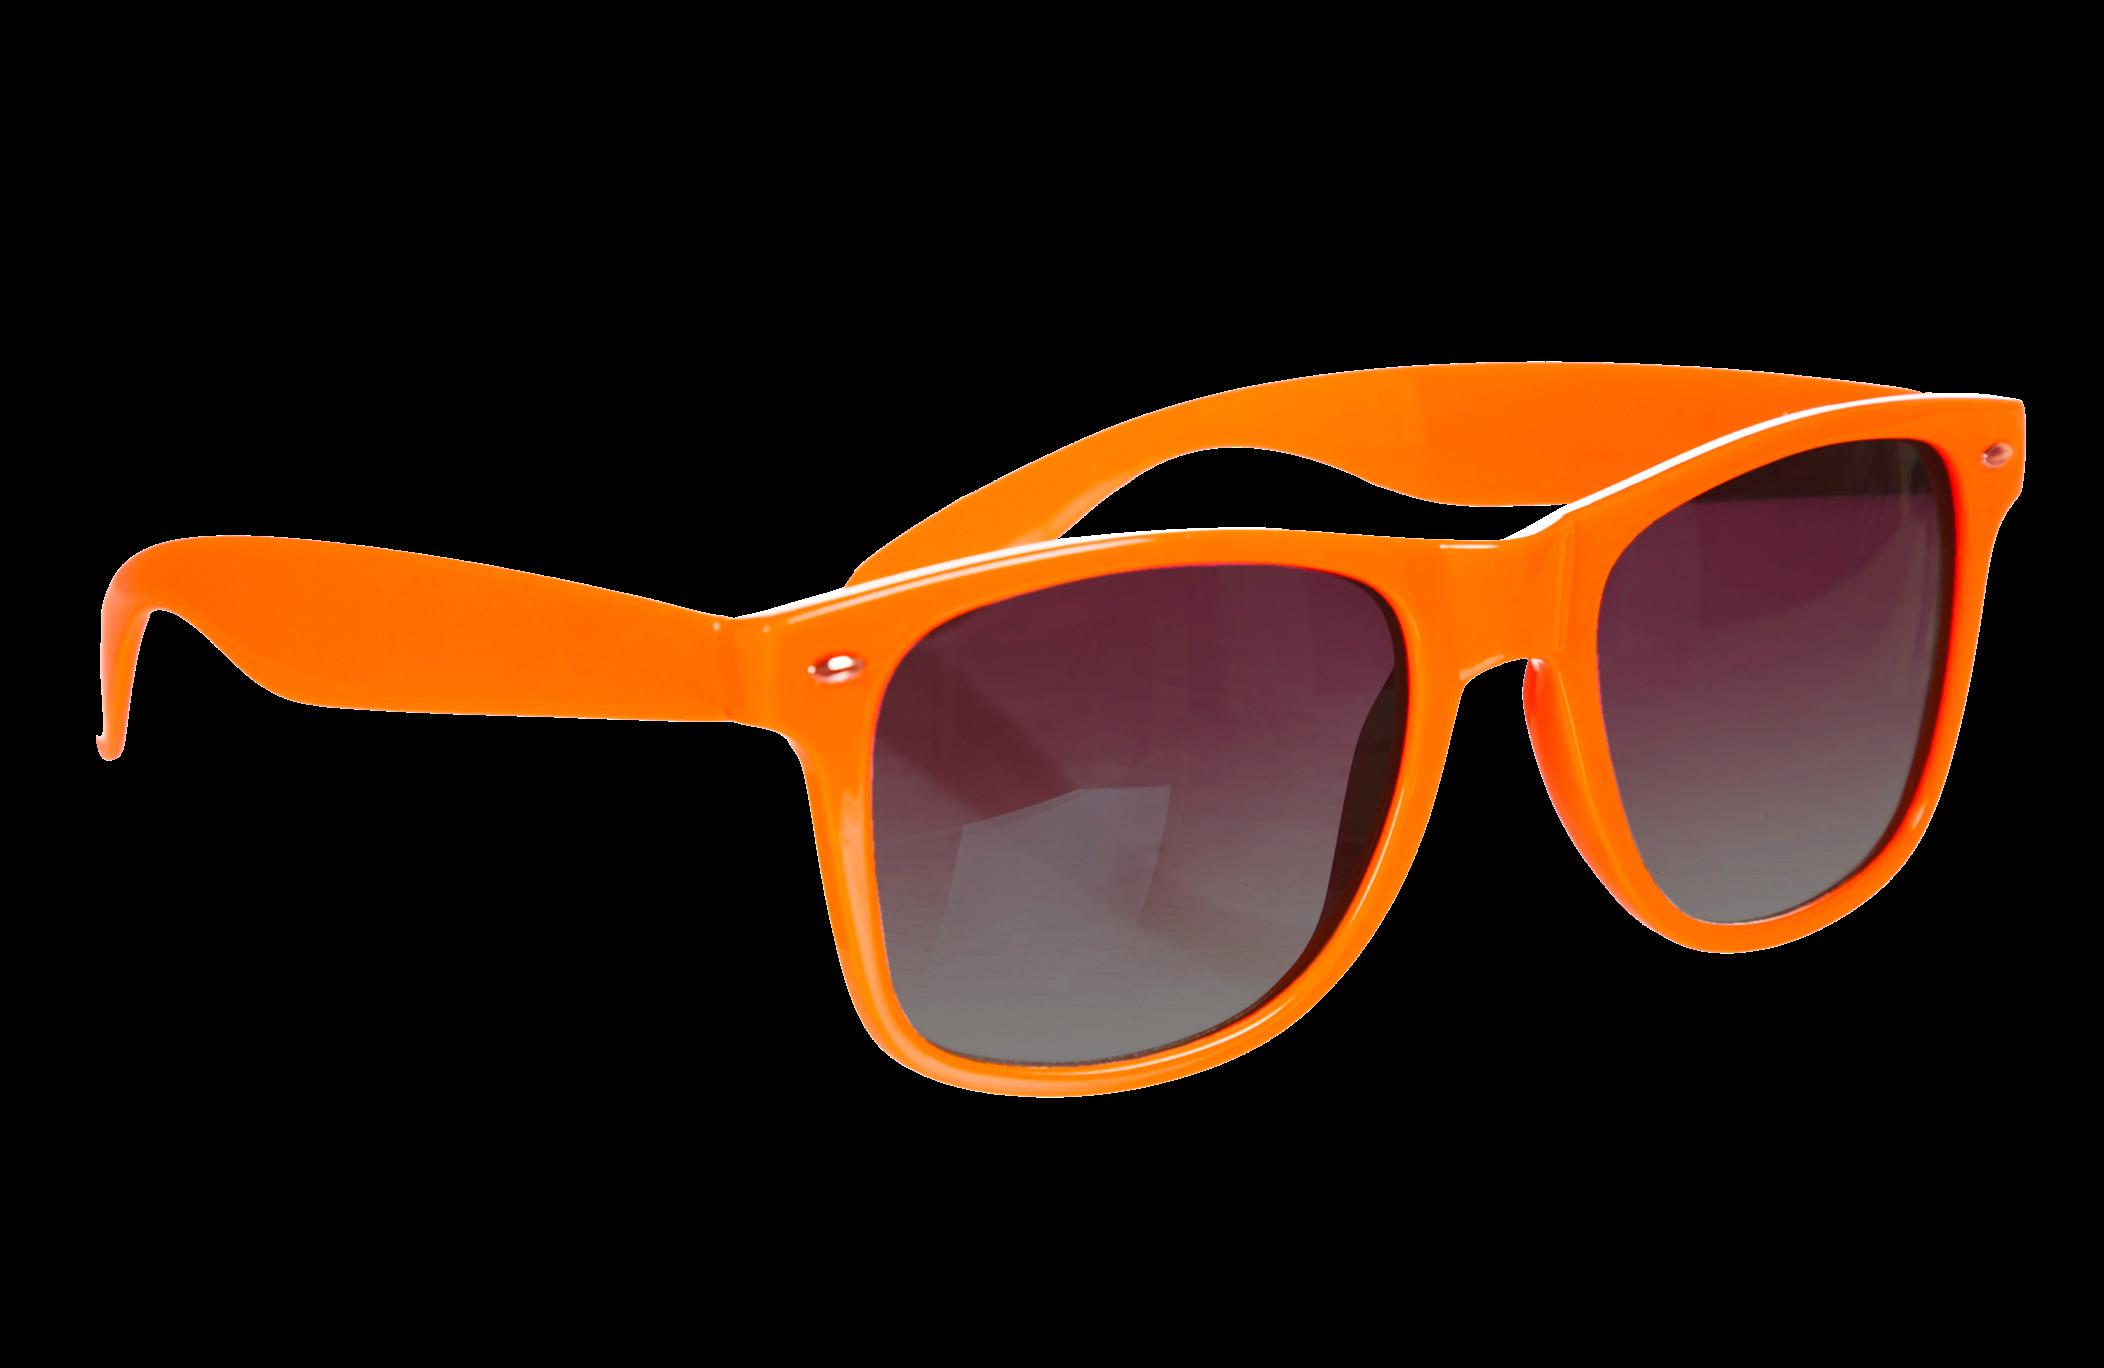 Sunglasses Png Hd (+).